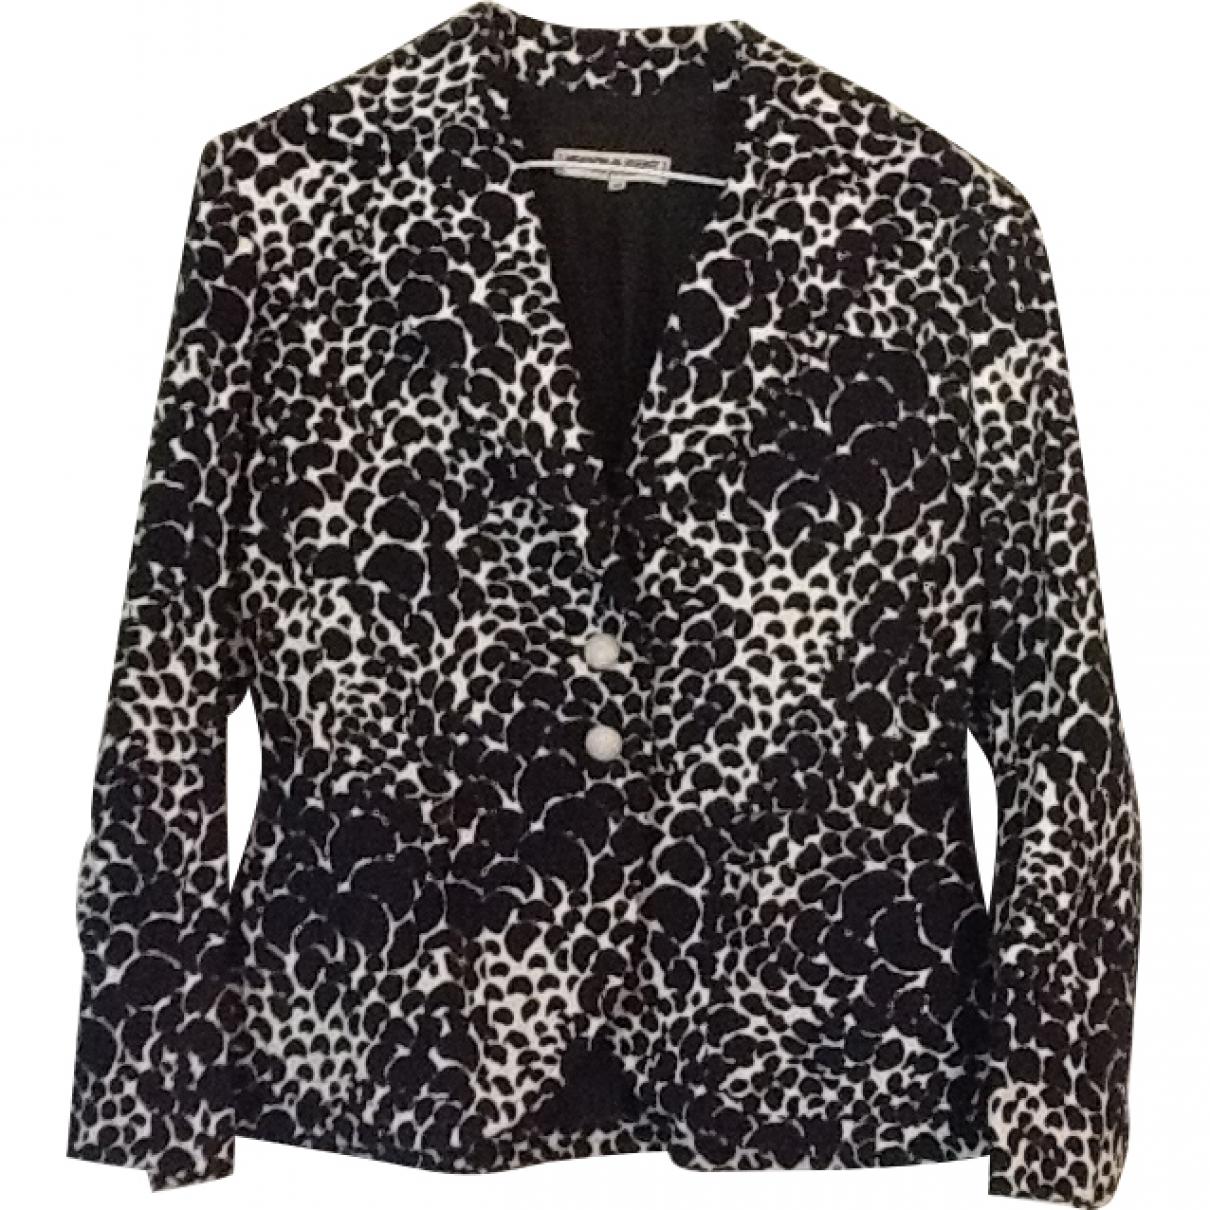 Yves Saint Laurent \N Black Cotton jacket for Women 40 FR